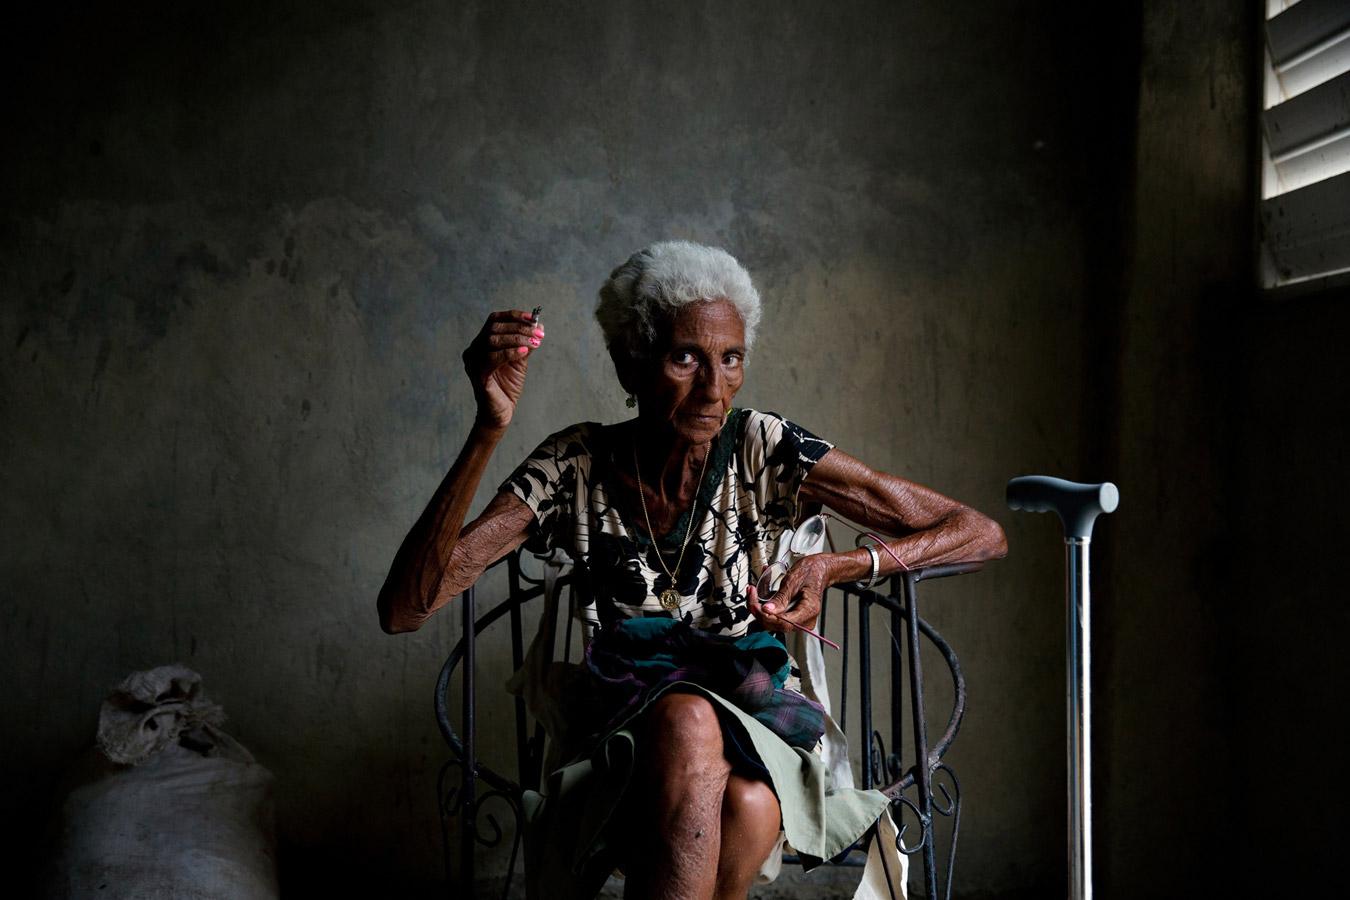 Пустота, которую мы оставляем, © Одед Вагенштейн / Oded Wagenstein, Израиль, Финалист конкурса, Фотоконкурс «Портрет» — LensCulture Portrait Awards